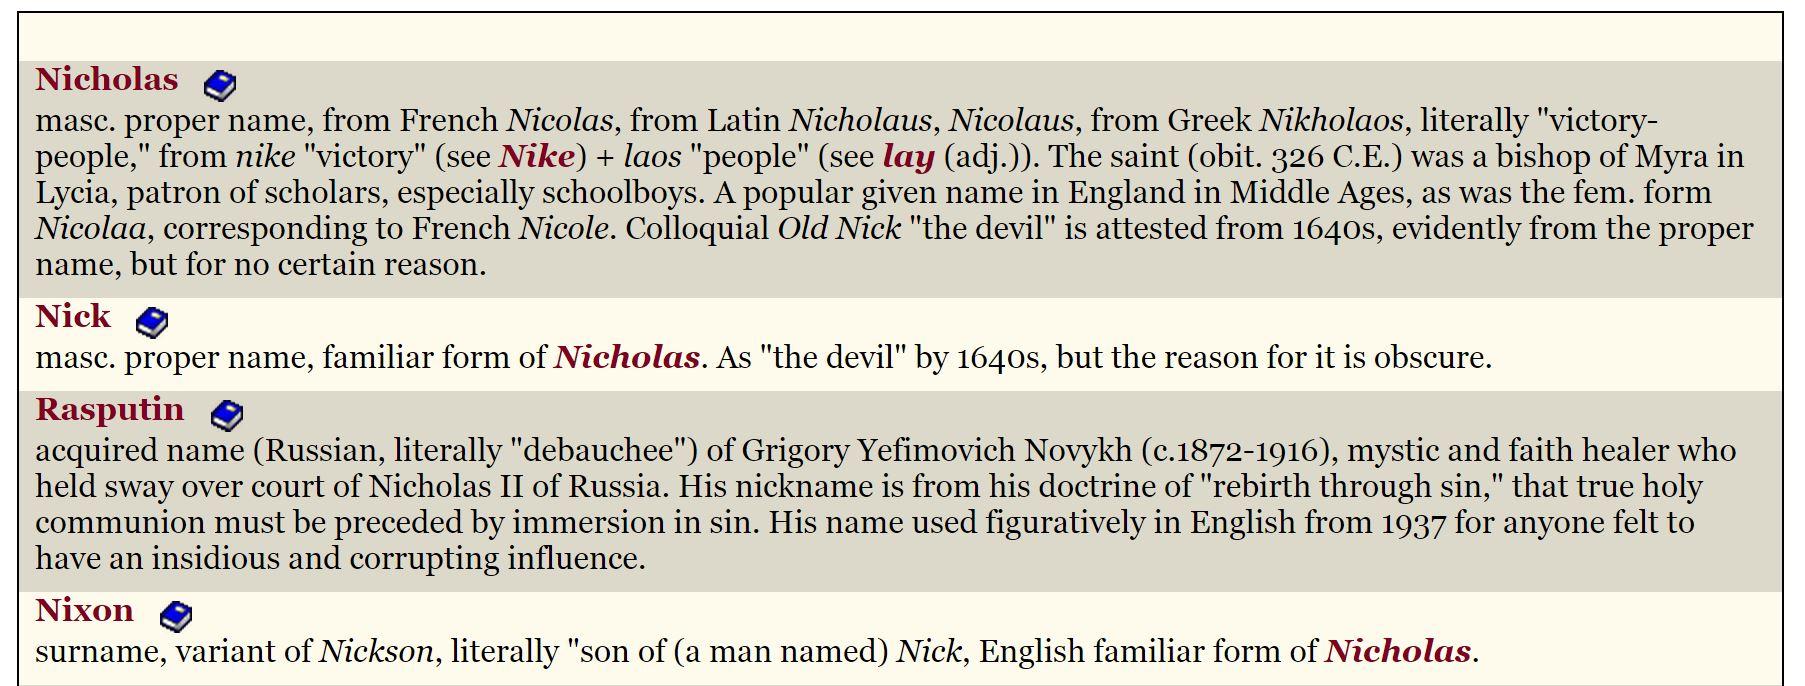 Pullach - das BND-Gelände (ehemaliges Villenviertel der höchsten Nazi-Elite) heißt Camp Nikolaus - 'Sieg über die Leute'. Die Abkürzung 'Nick' bedeutet auch 'the devil' (etymonline.com)